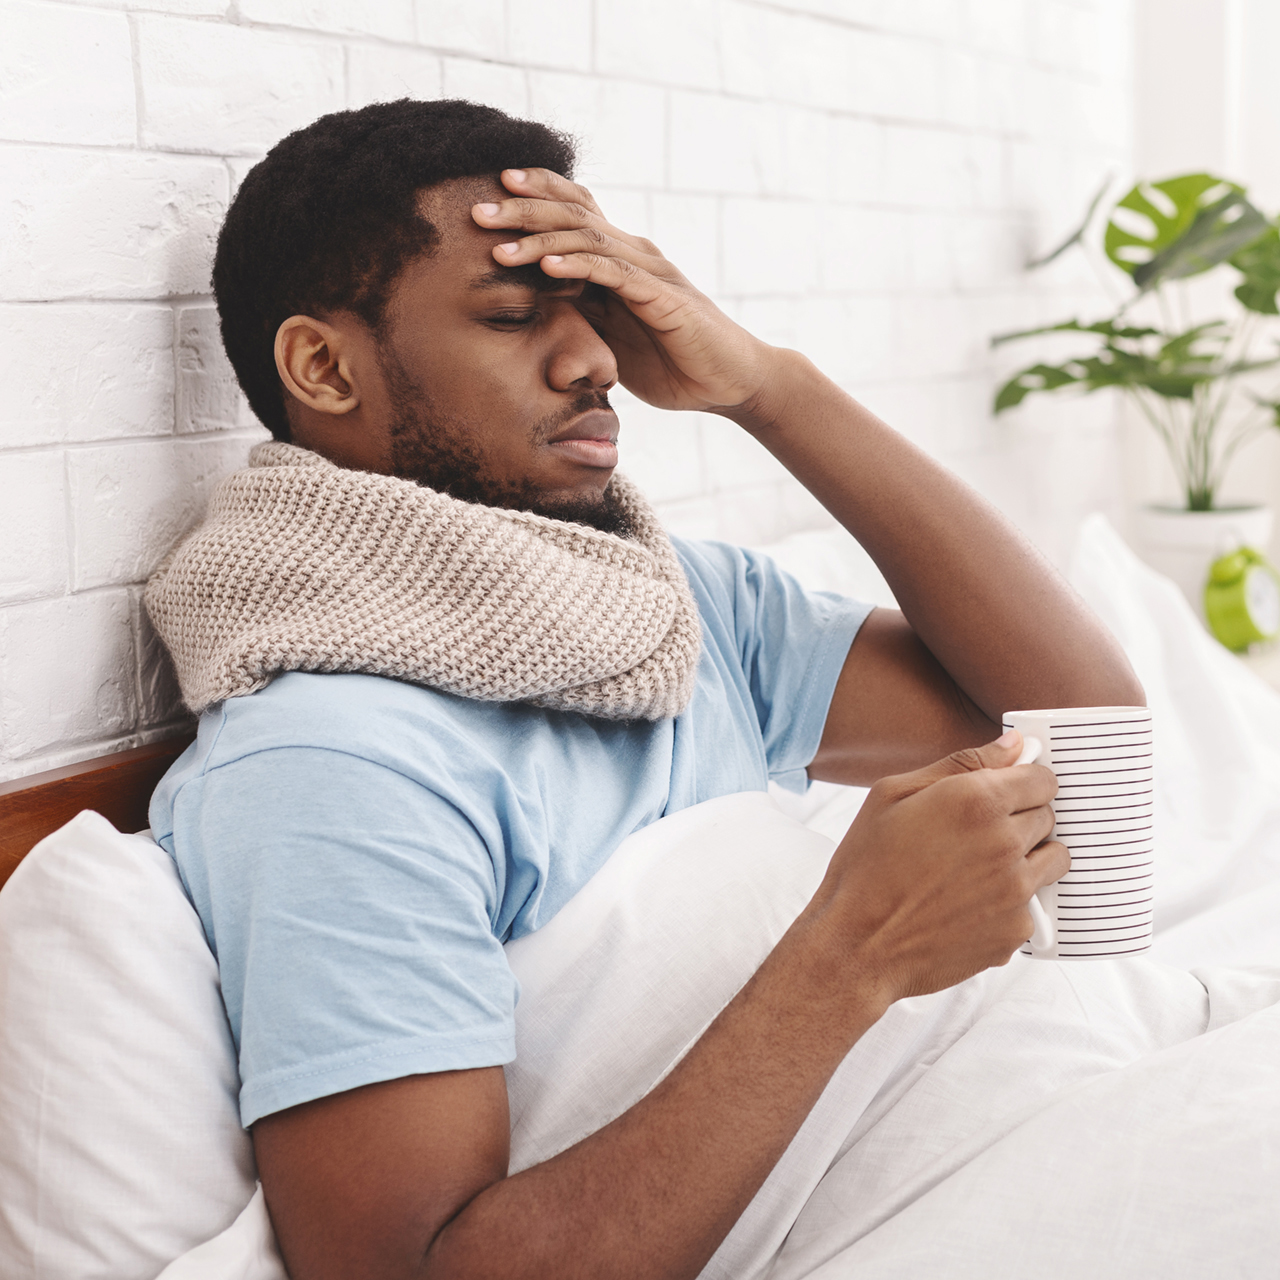 Il lavoratore in malattia deve avvisare il datore di lavoro: scopriamo i diritti e i doveri del dipendente